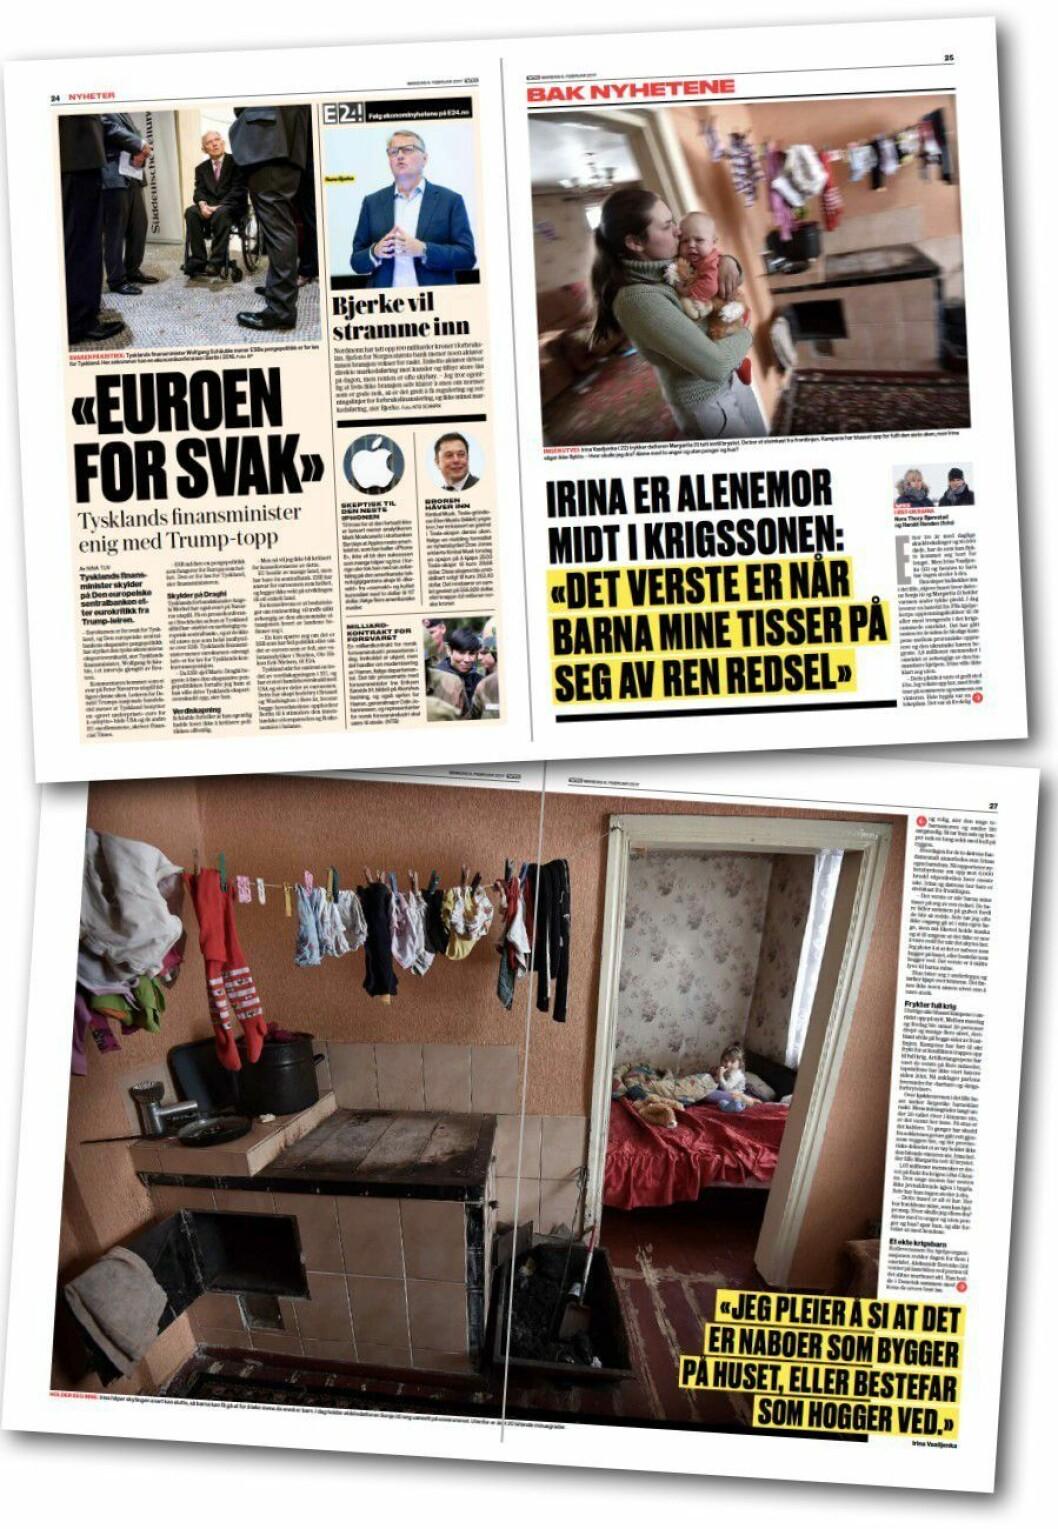 Fire sider som beskriver kombinasjon av oversikt og innsikt; en stramt redigert side med flere saker - og så en nyhetsreportasje over tre sider.